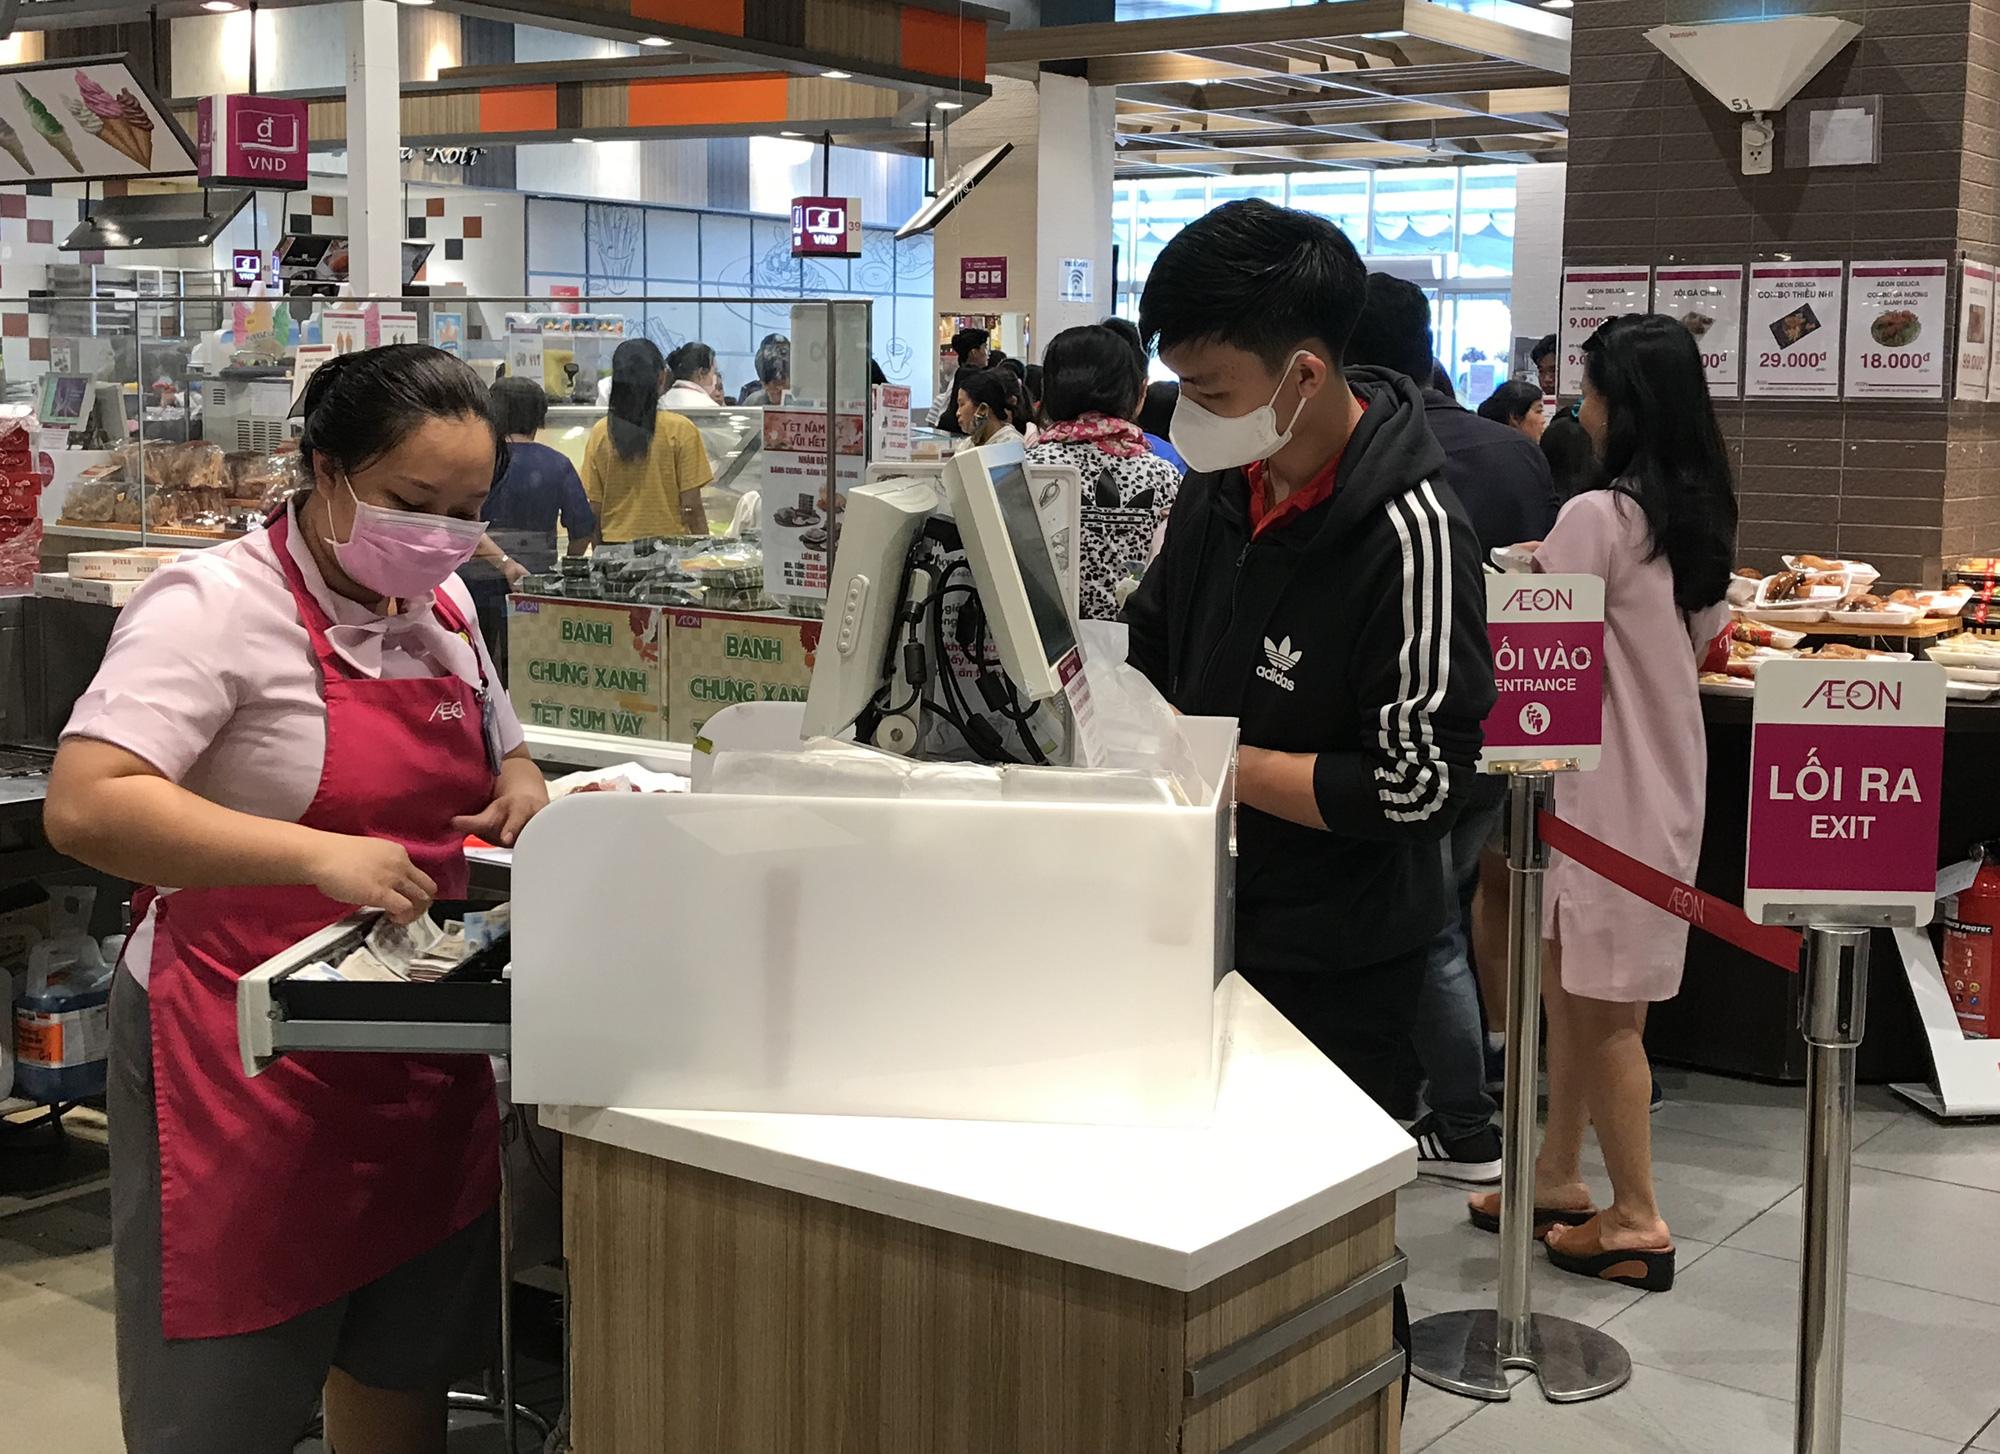 Doanh nghiệp yêu cầu người lao động từ Trung Quốc, Đà Nẵng, Nha Trang trở về làm việc sau Tết phải tự 'cách li' tại nhà - Ảnh 2.